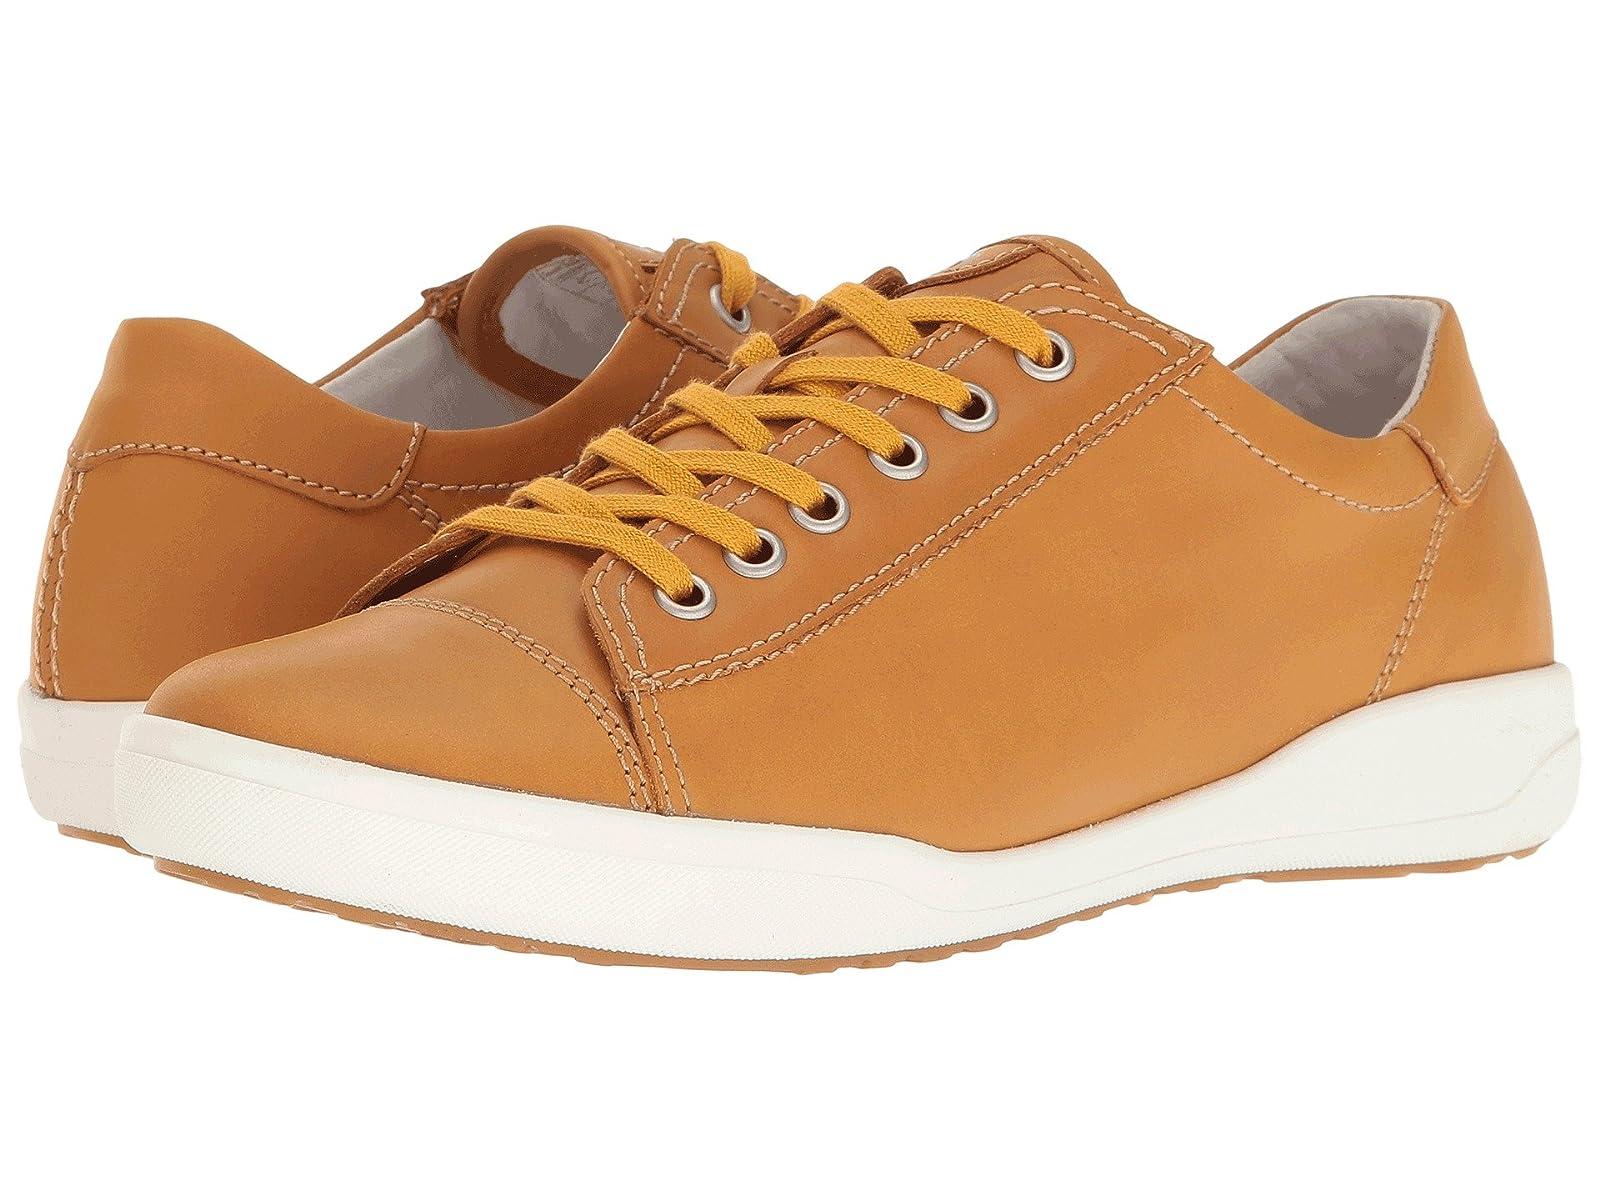 Josef Seibel Sina 11Atmospheric grades have affordable shoes